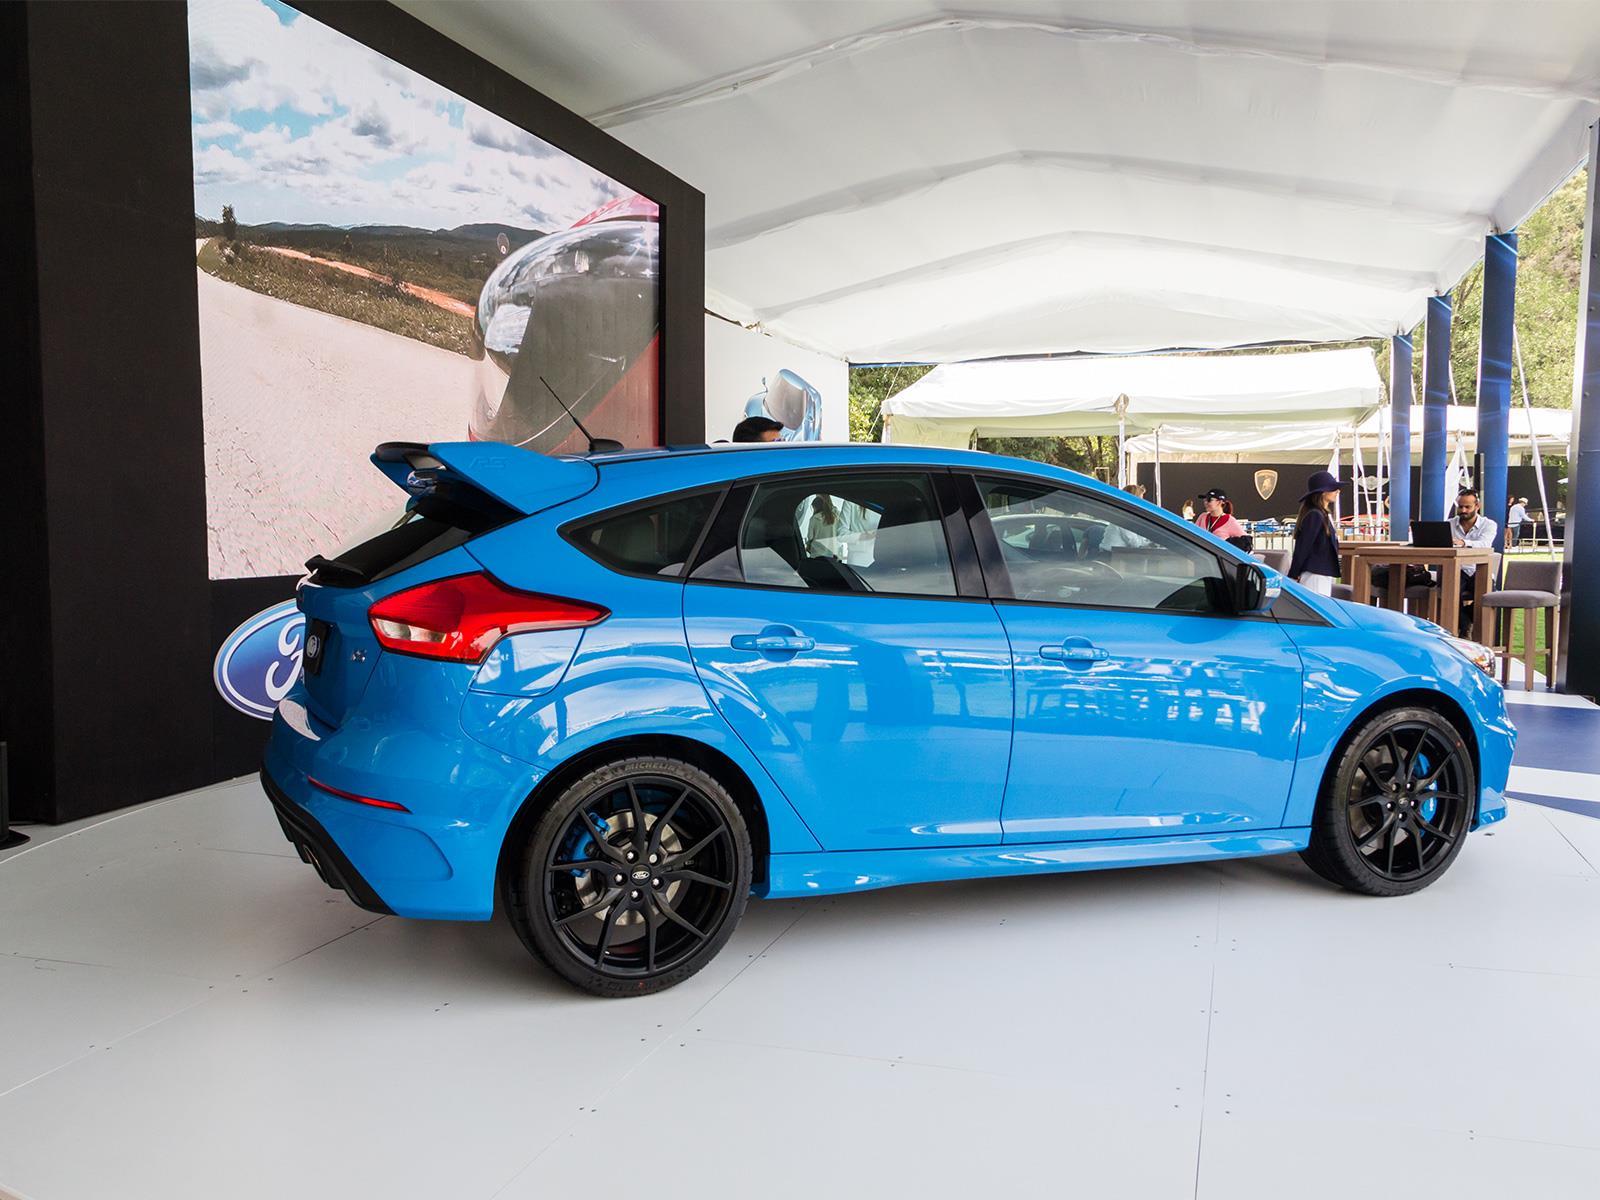 Ford Focus Rs 2016 Llega A M 233 Xico En 674 000 Pesos